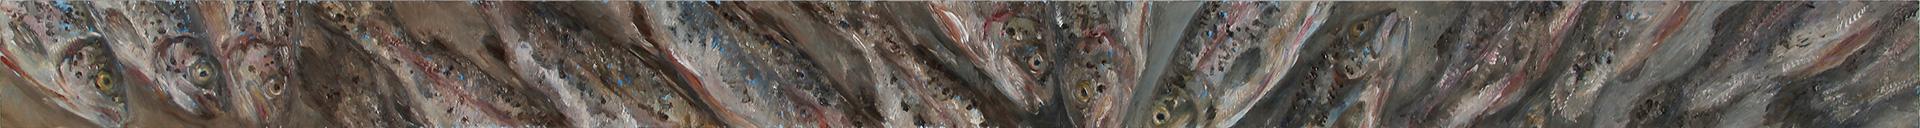 Prächtige Forellen, Öl auf MDF, 2019, 10 x 150 cm